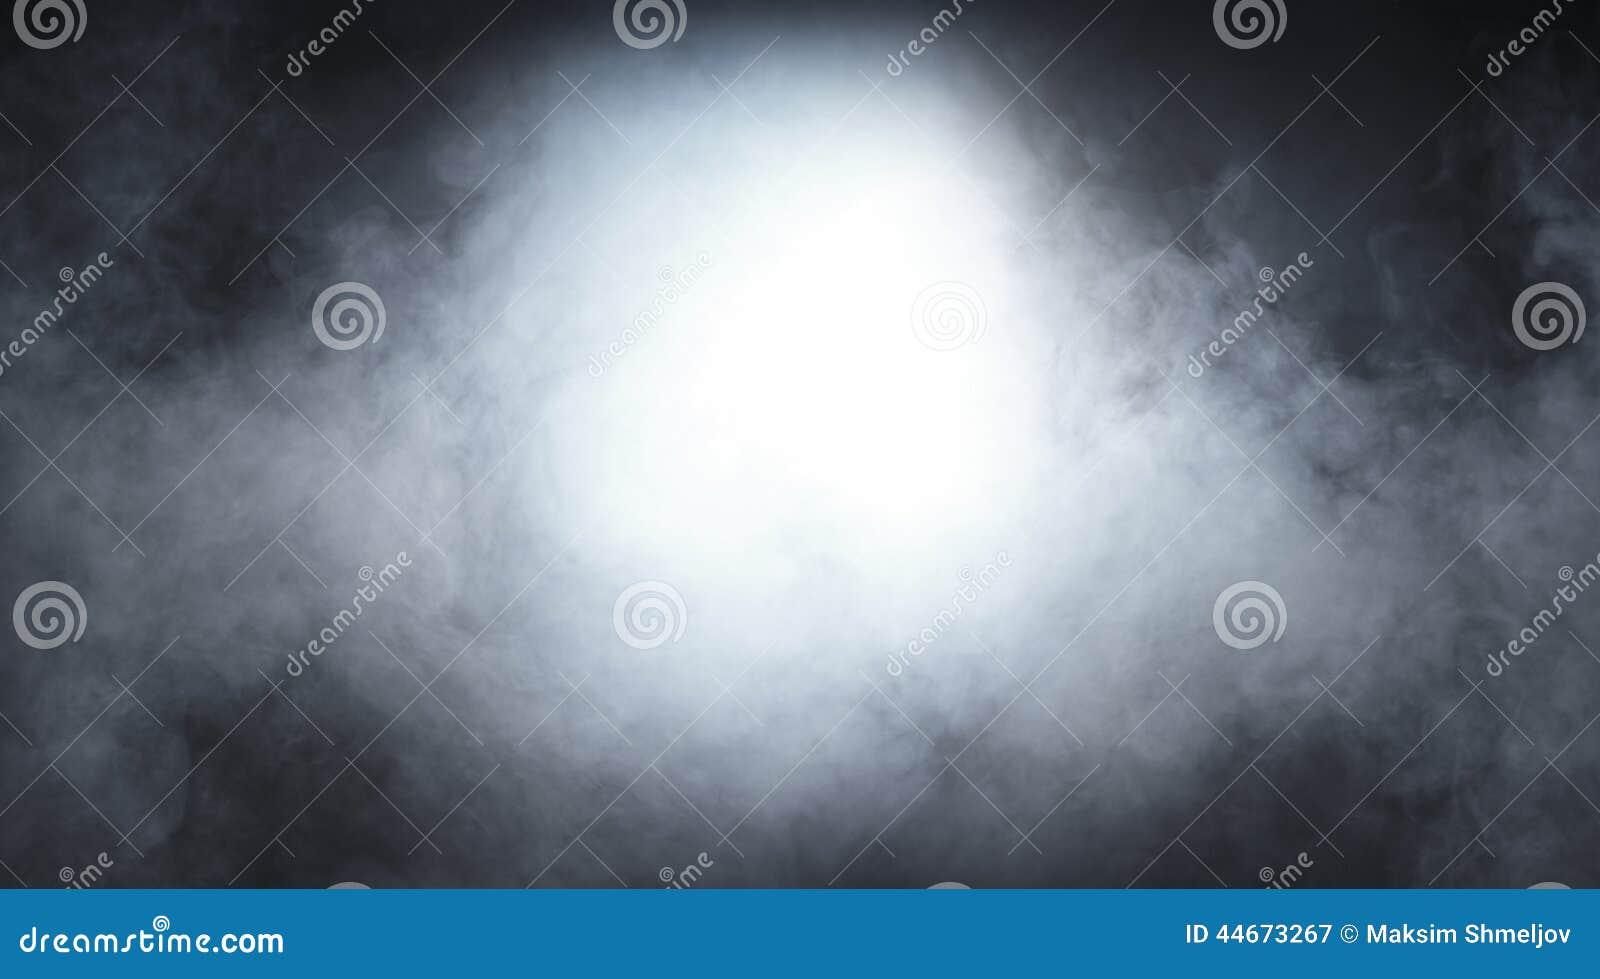 Ανοικτό γκρι καπνός σε ένα μαύρο υπόβαθρο